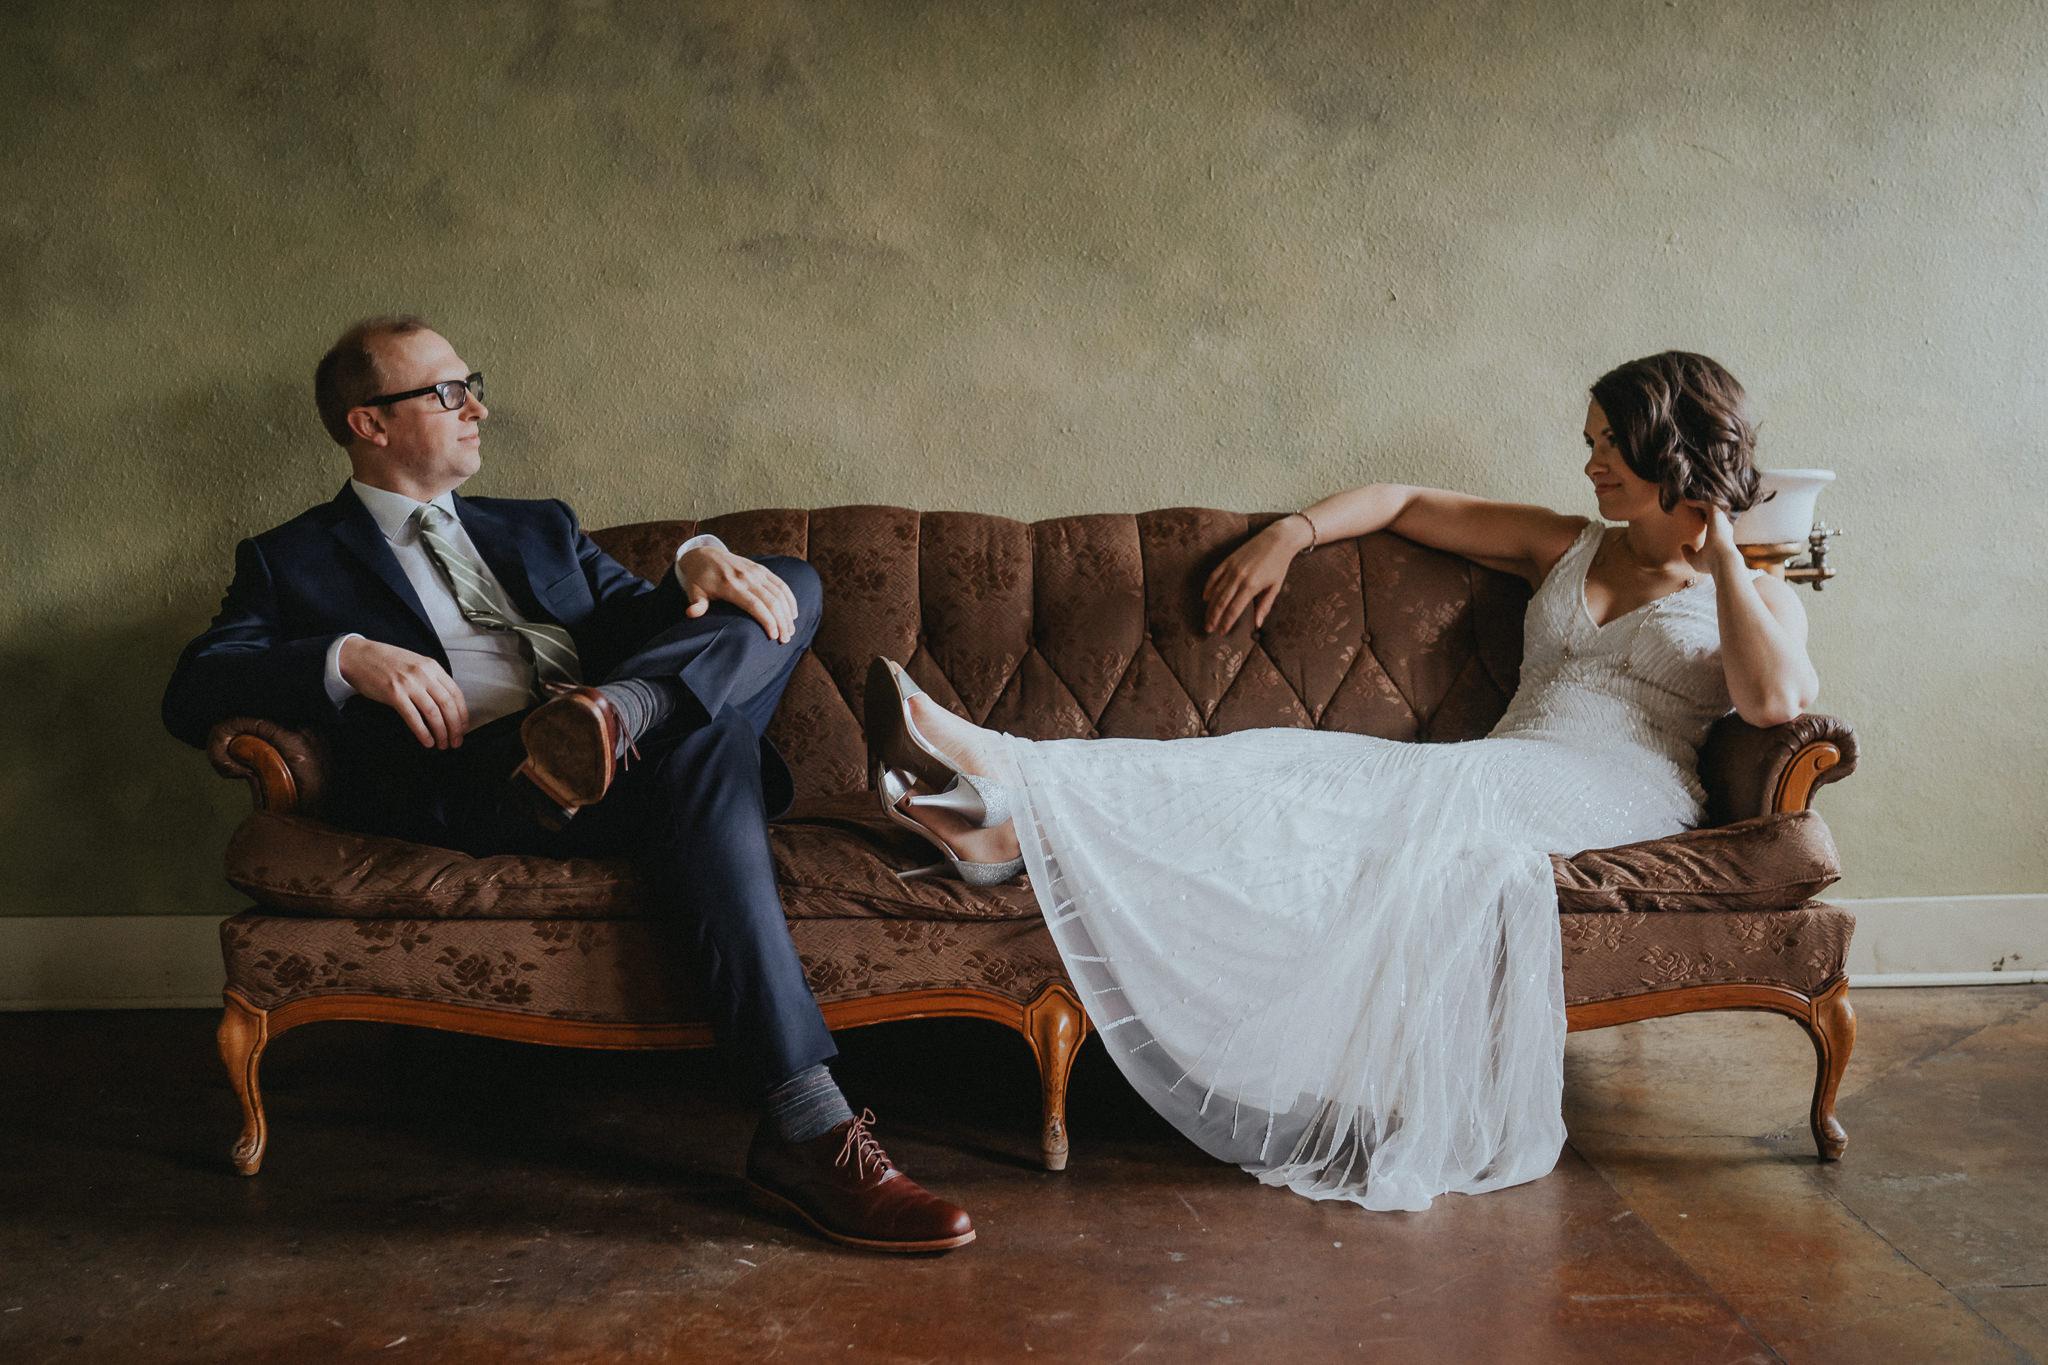 Vintage-Wedding-Sweetheart-Seat-Portland-Wedding